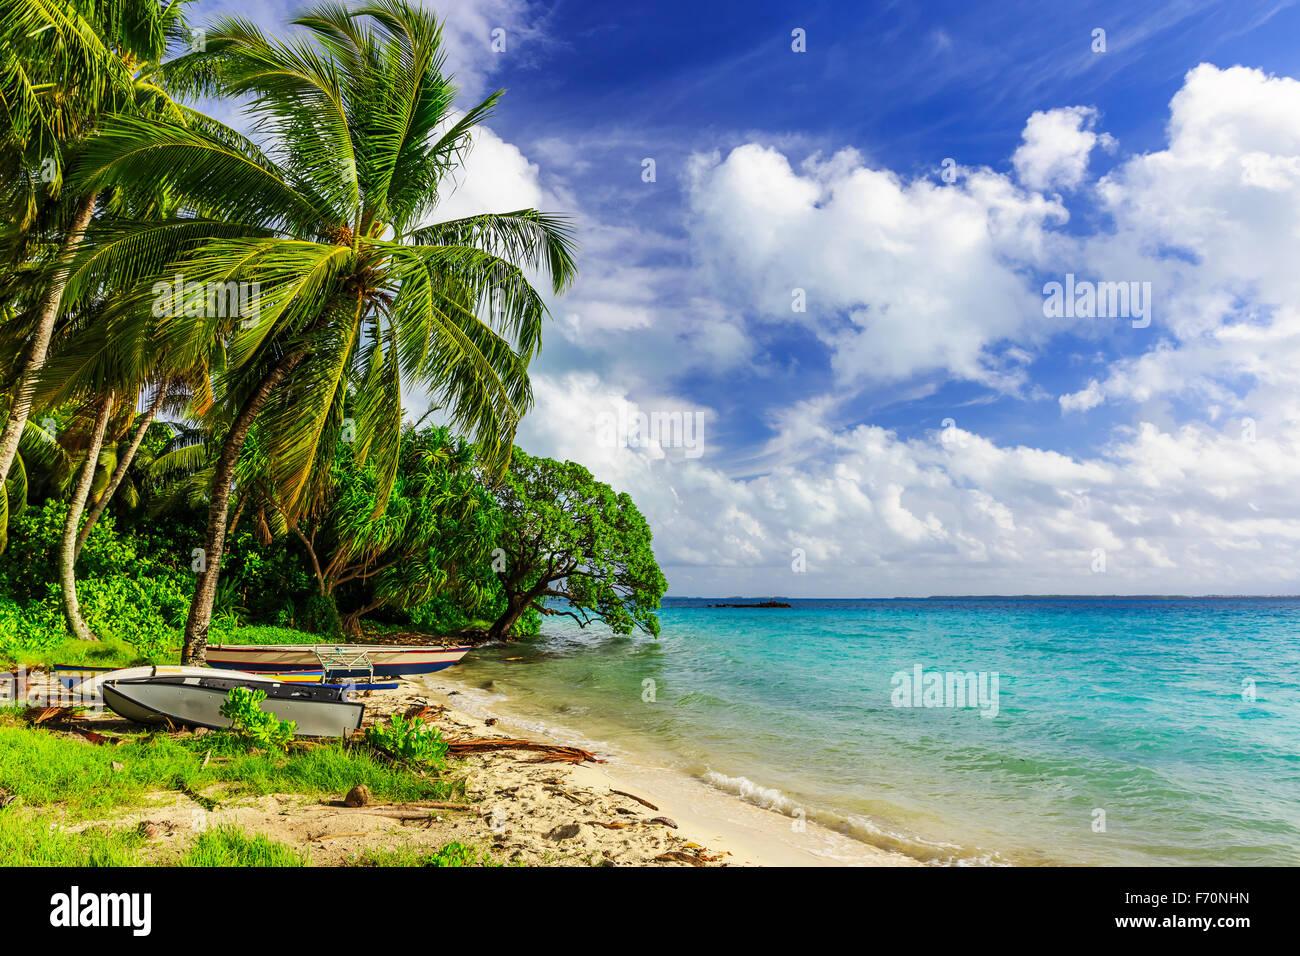 Tabuaeran Beach sur l'île Fanning, République de Kiribati Photo Stock